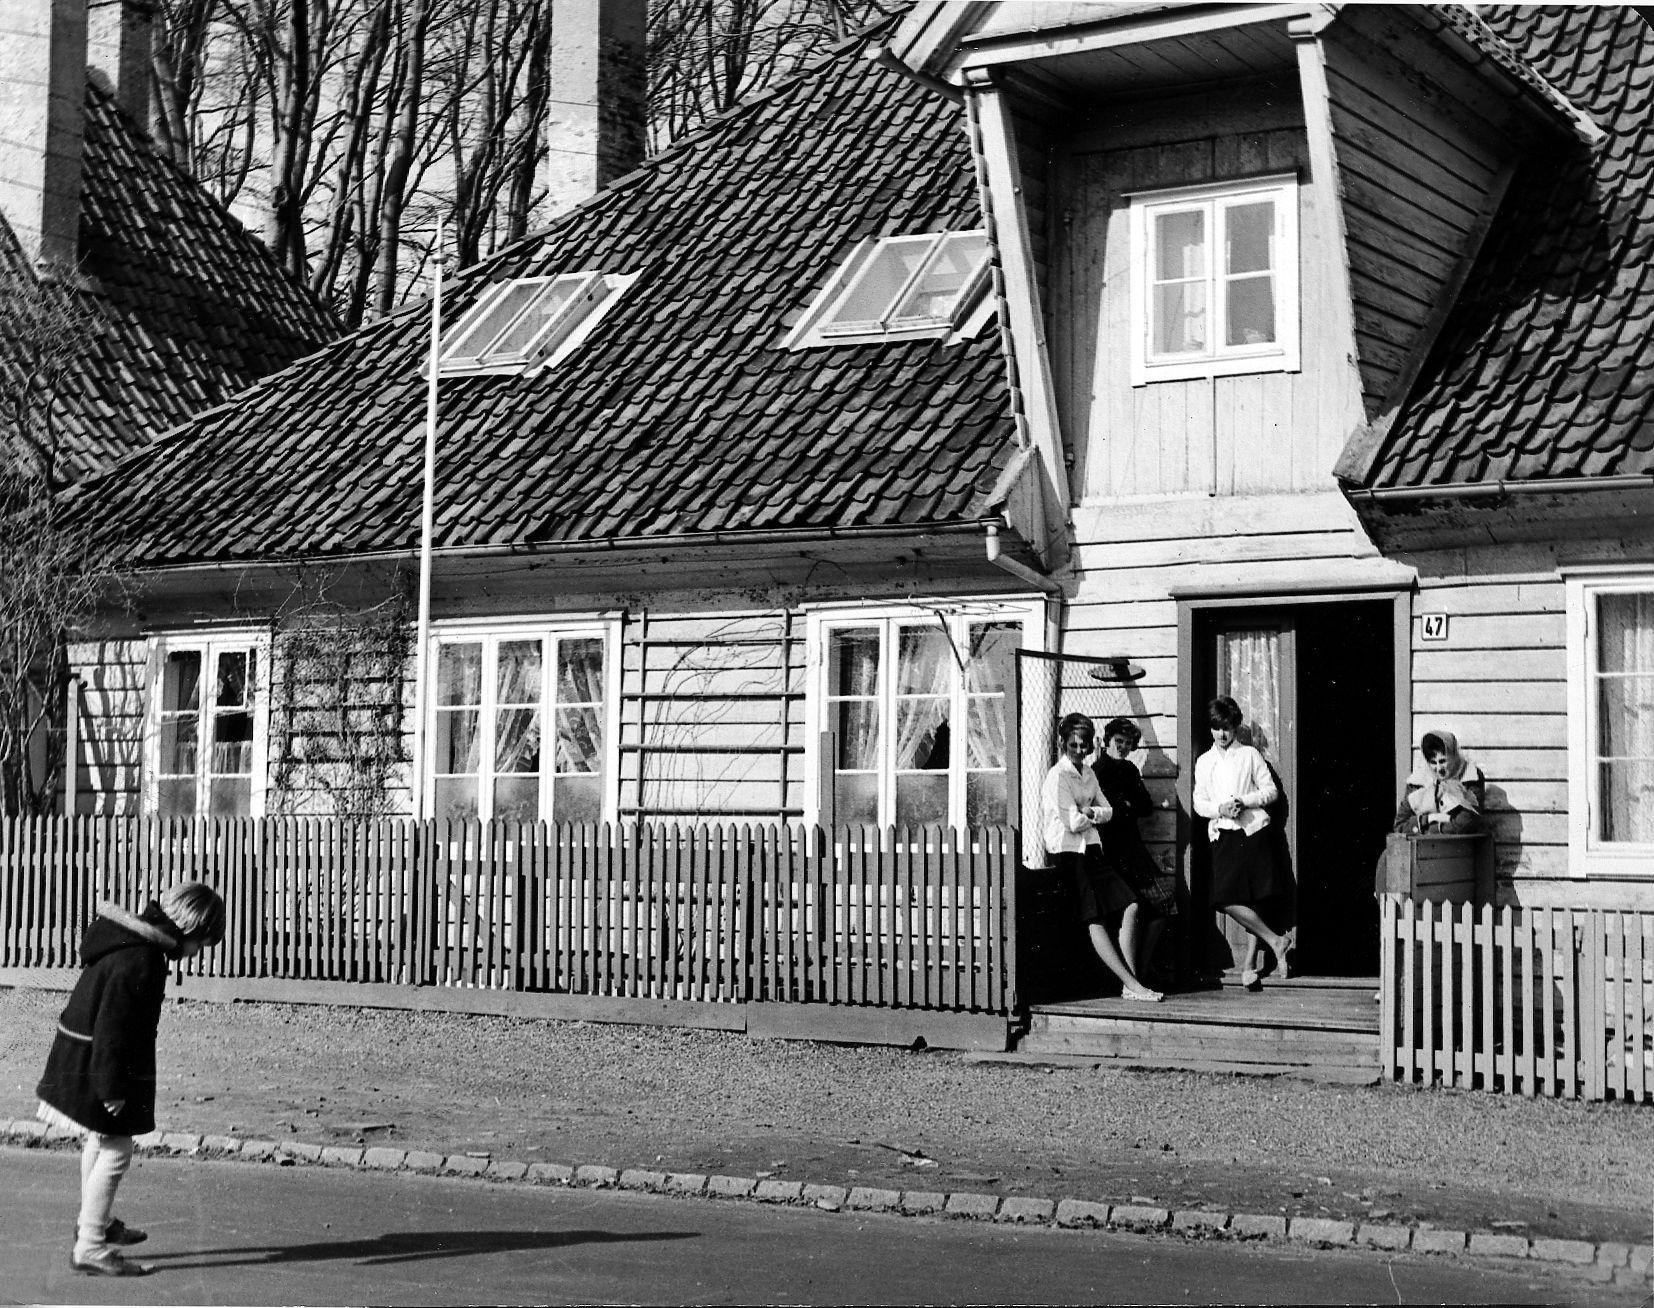 PÅ TRAPPEN: Da folk hadde det trangt inne, foregikk mye av det sosiale livet ute på fortau og i gaten, skriver innsenderen.